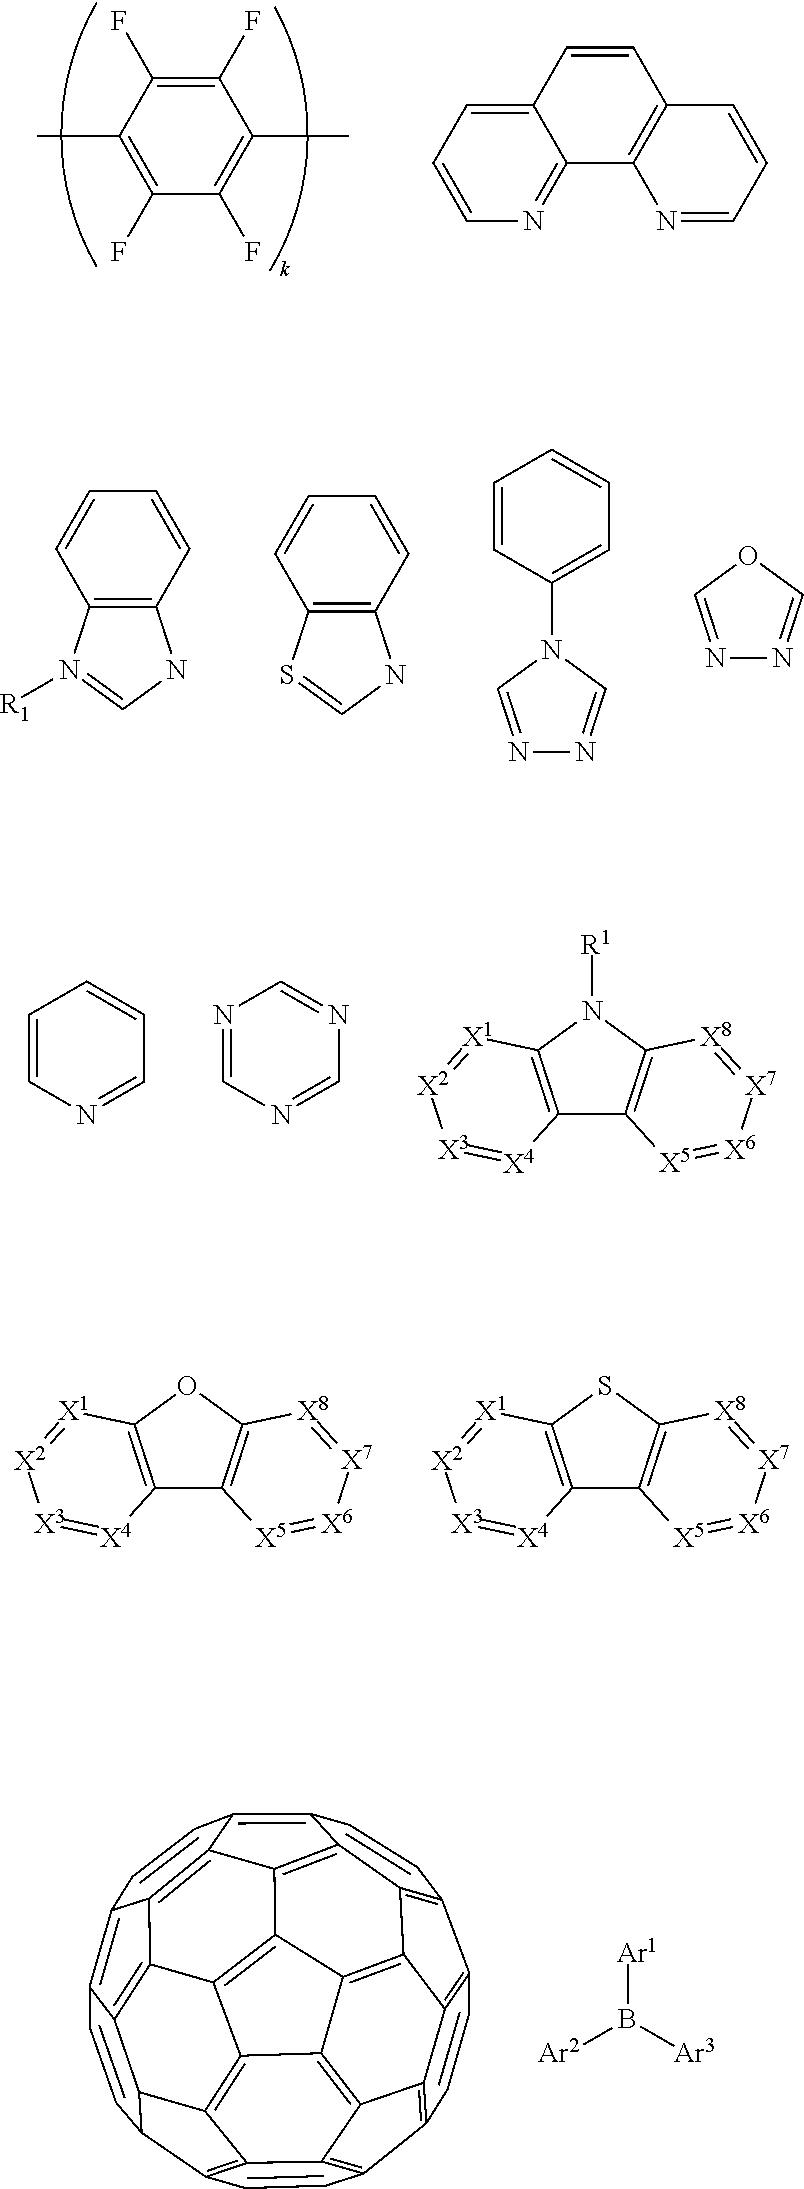 Figure US09670404-20170606-C00036